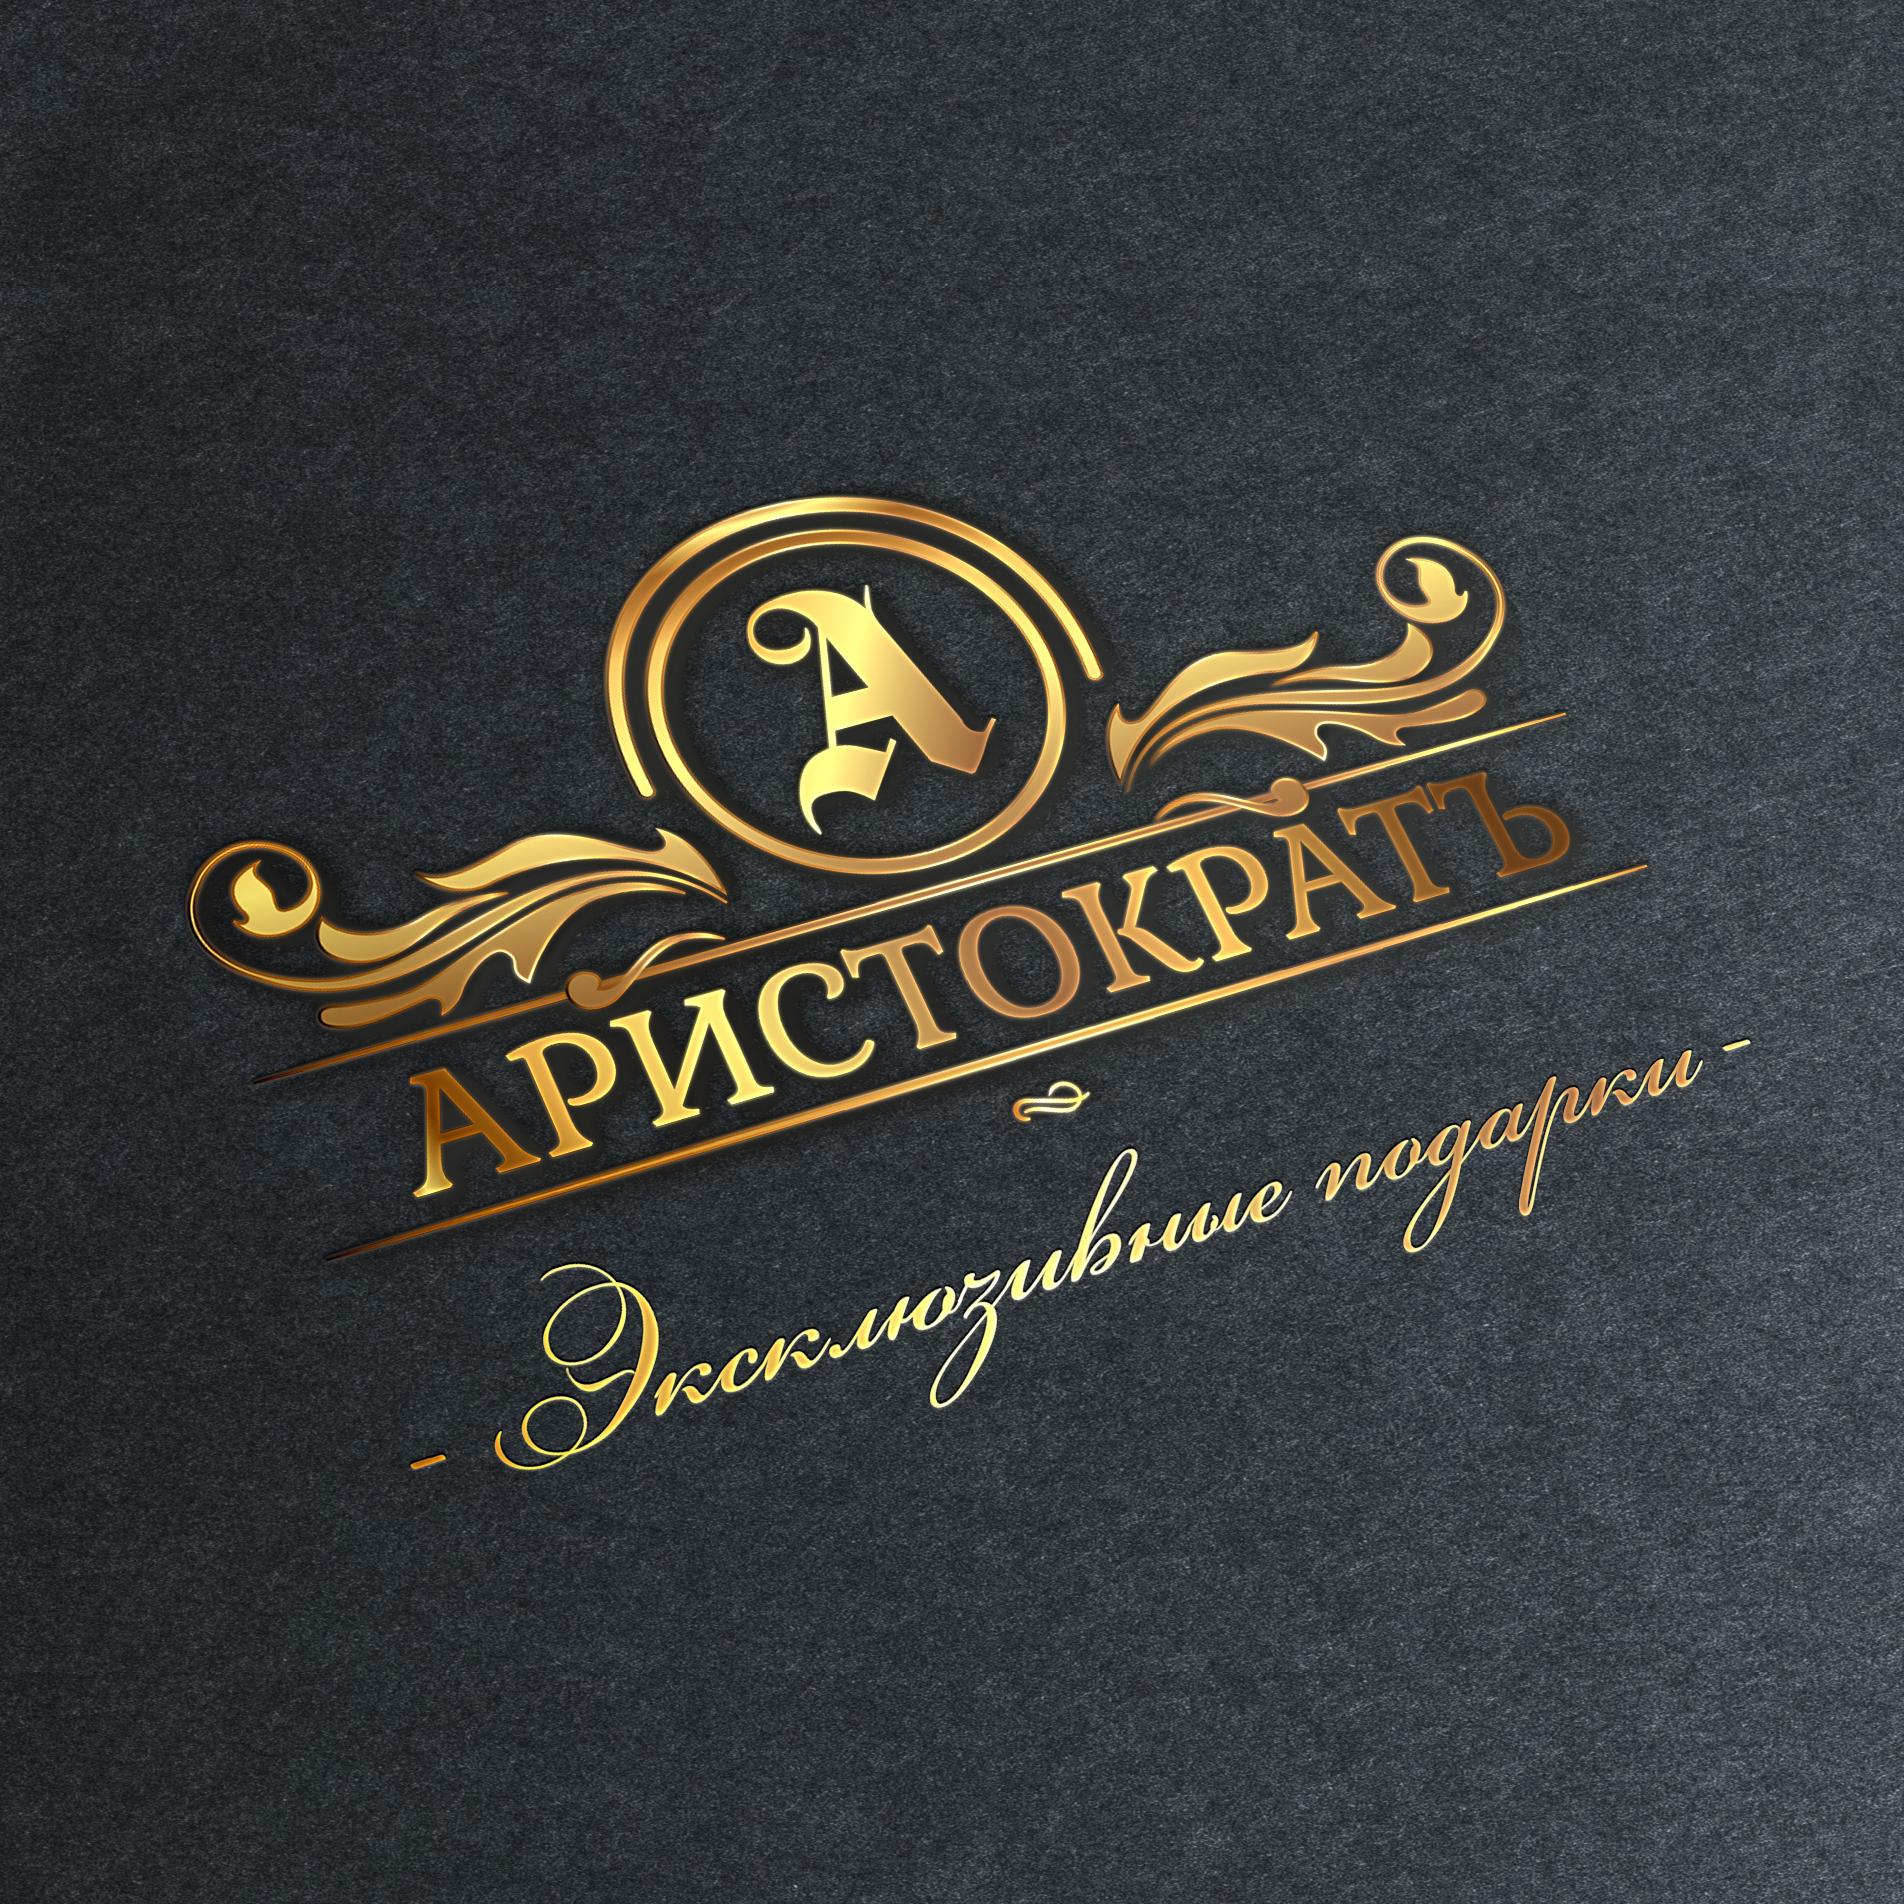 Интернет-магазин элитных подарков «Аристократъ»